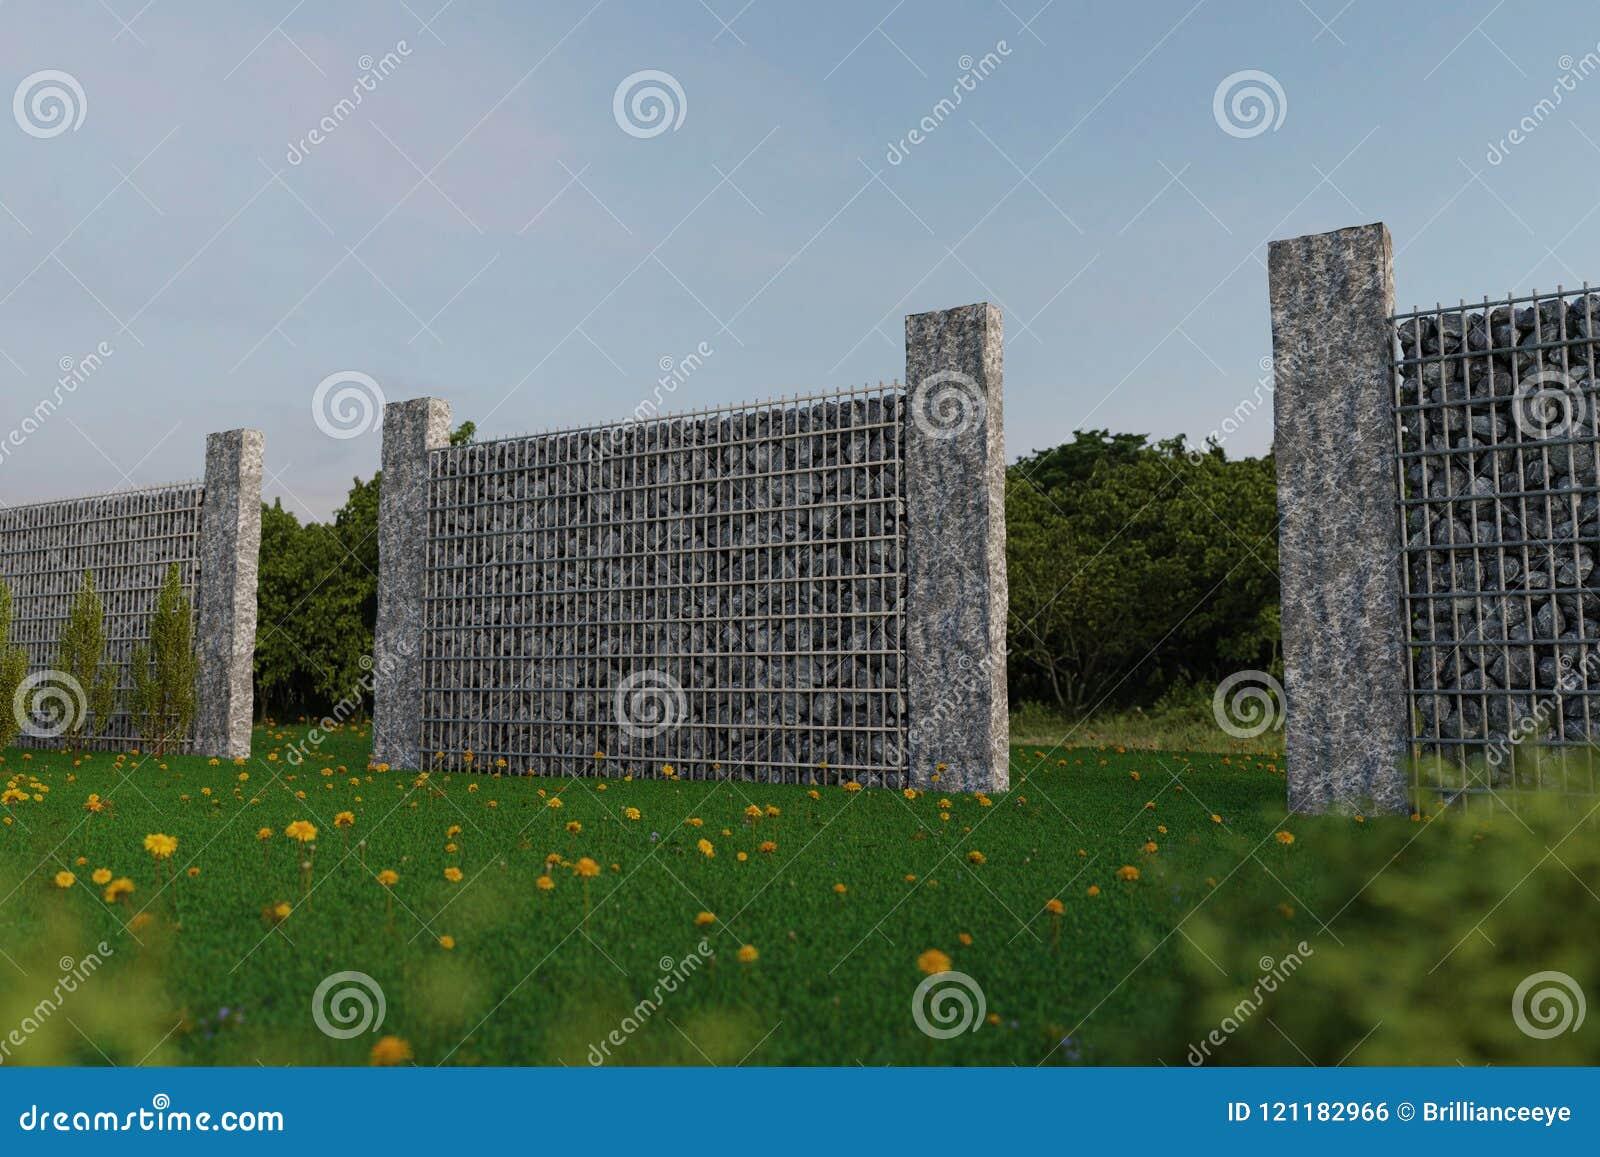 Rendu 3d De Jardin Vert Avec Le Mur De Gabion Et La Palissade De ...